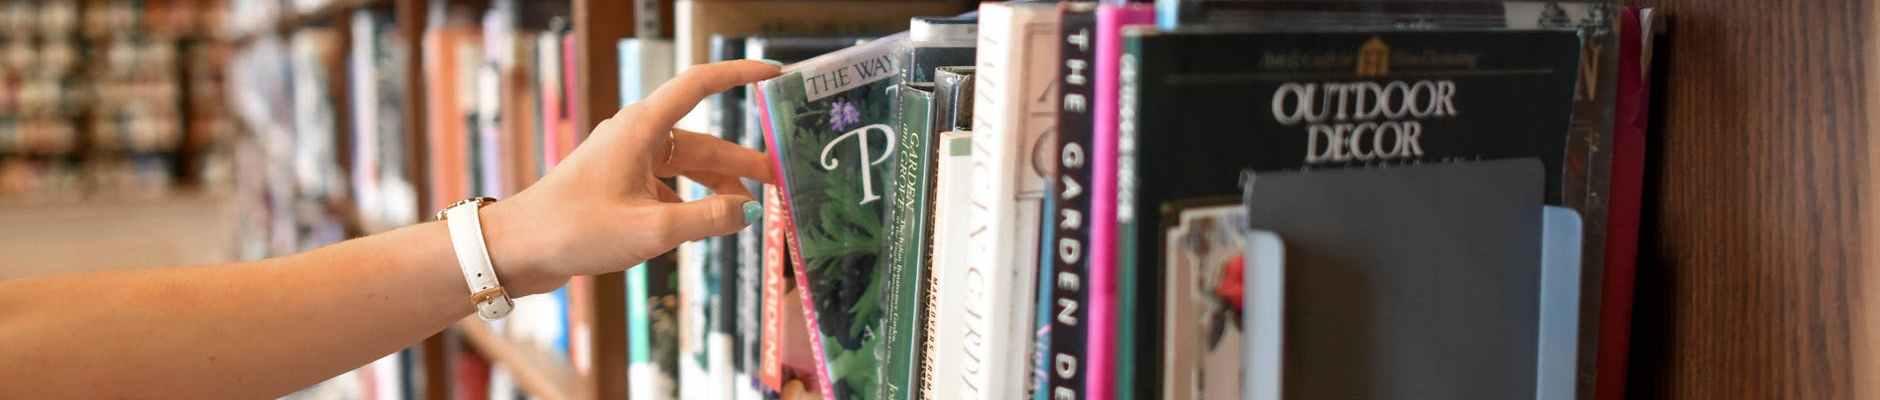 Znati vs. razumjeti - glavne razlike između knjiške pameti i istinske inteligencije, person holding book from shelf